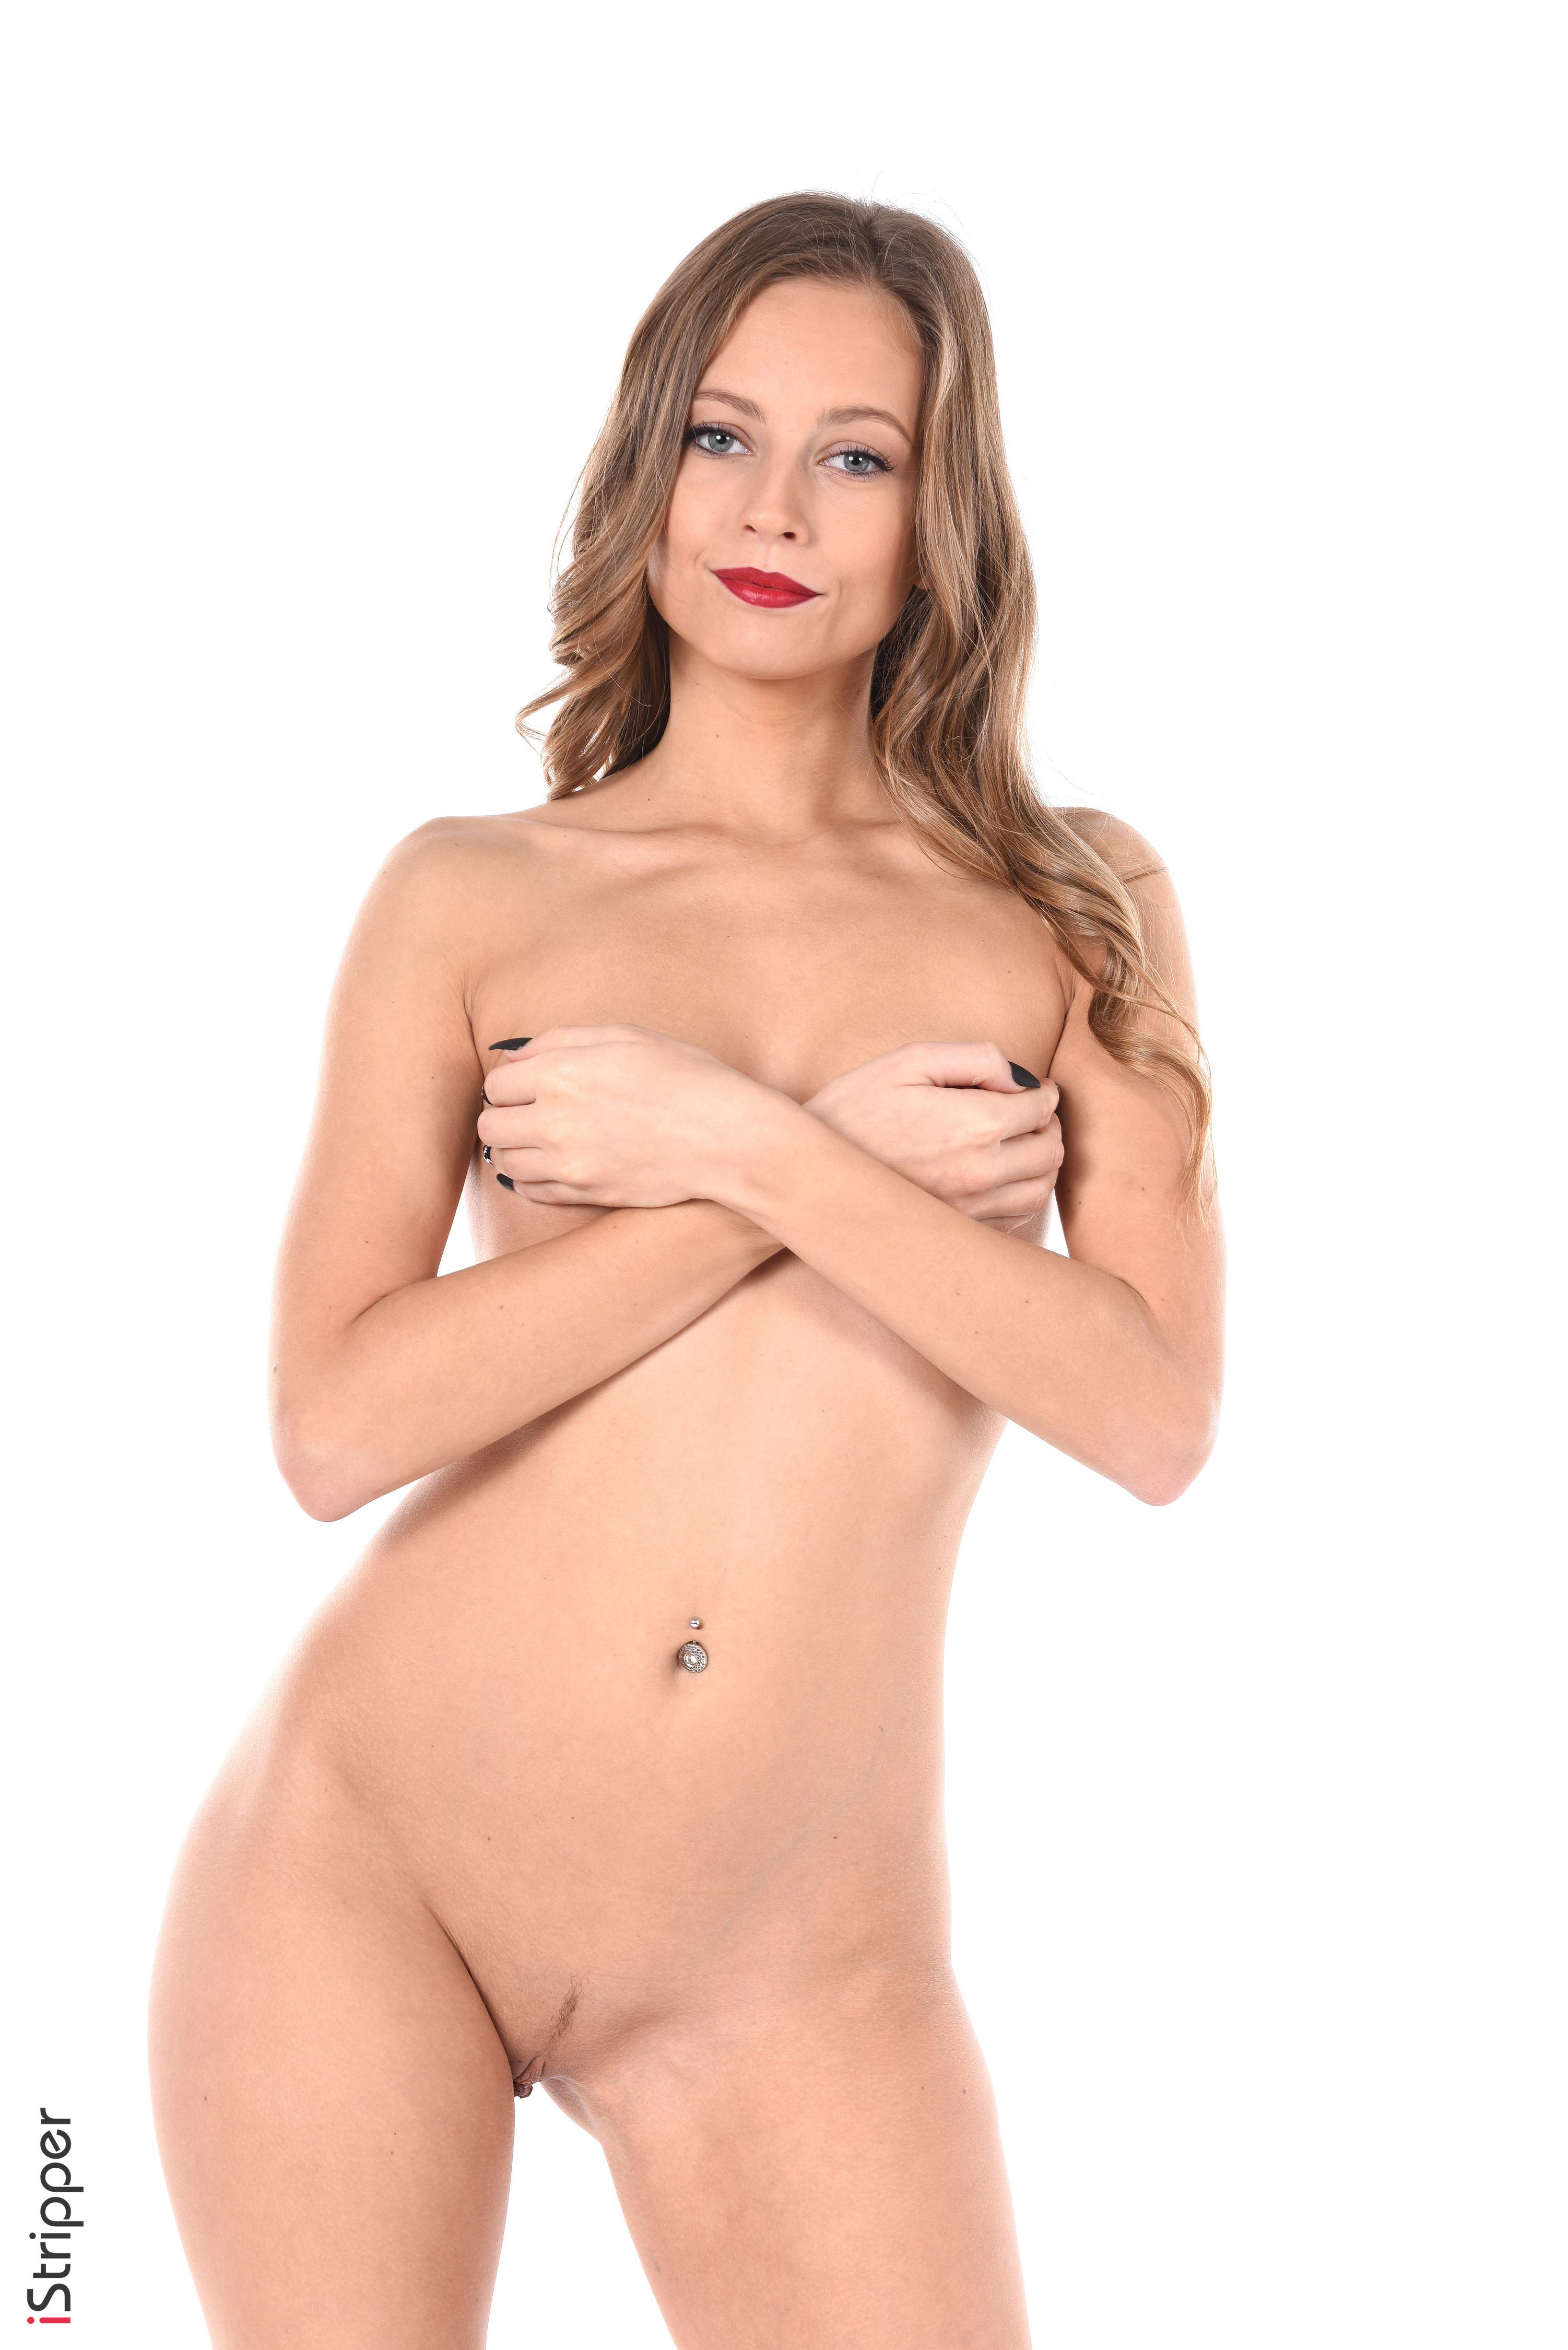 boobs wallpepar